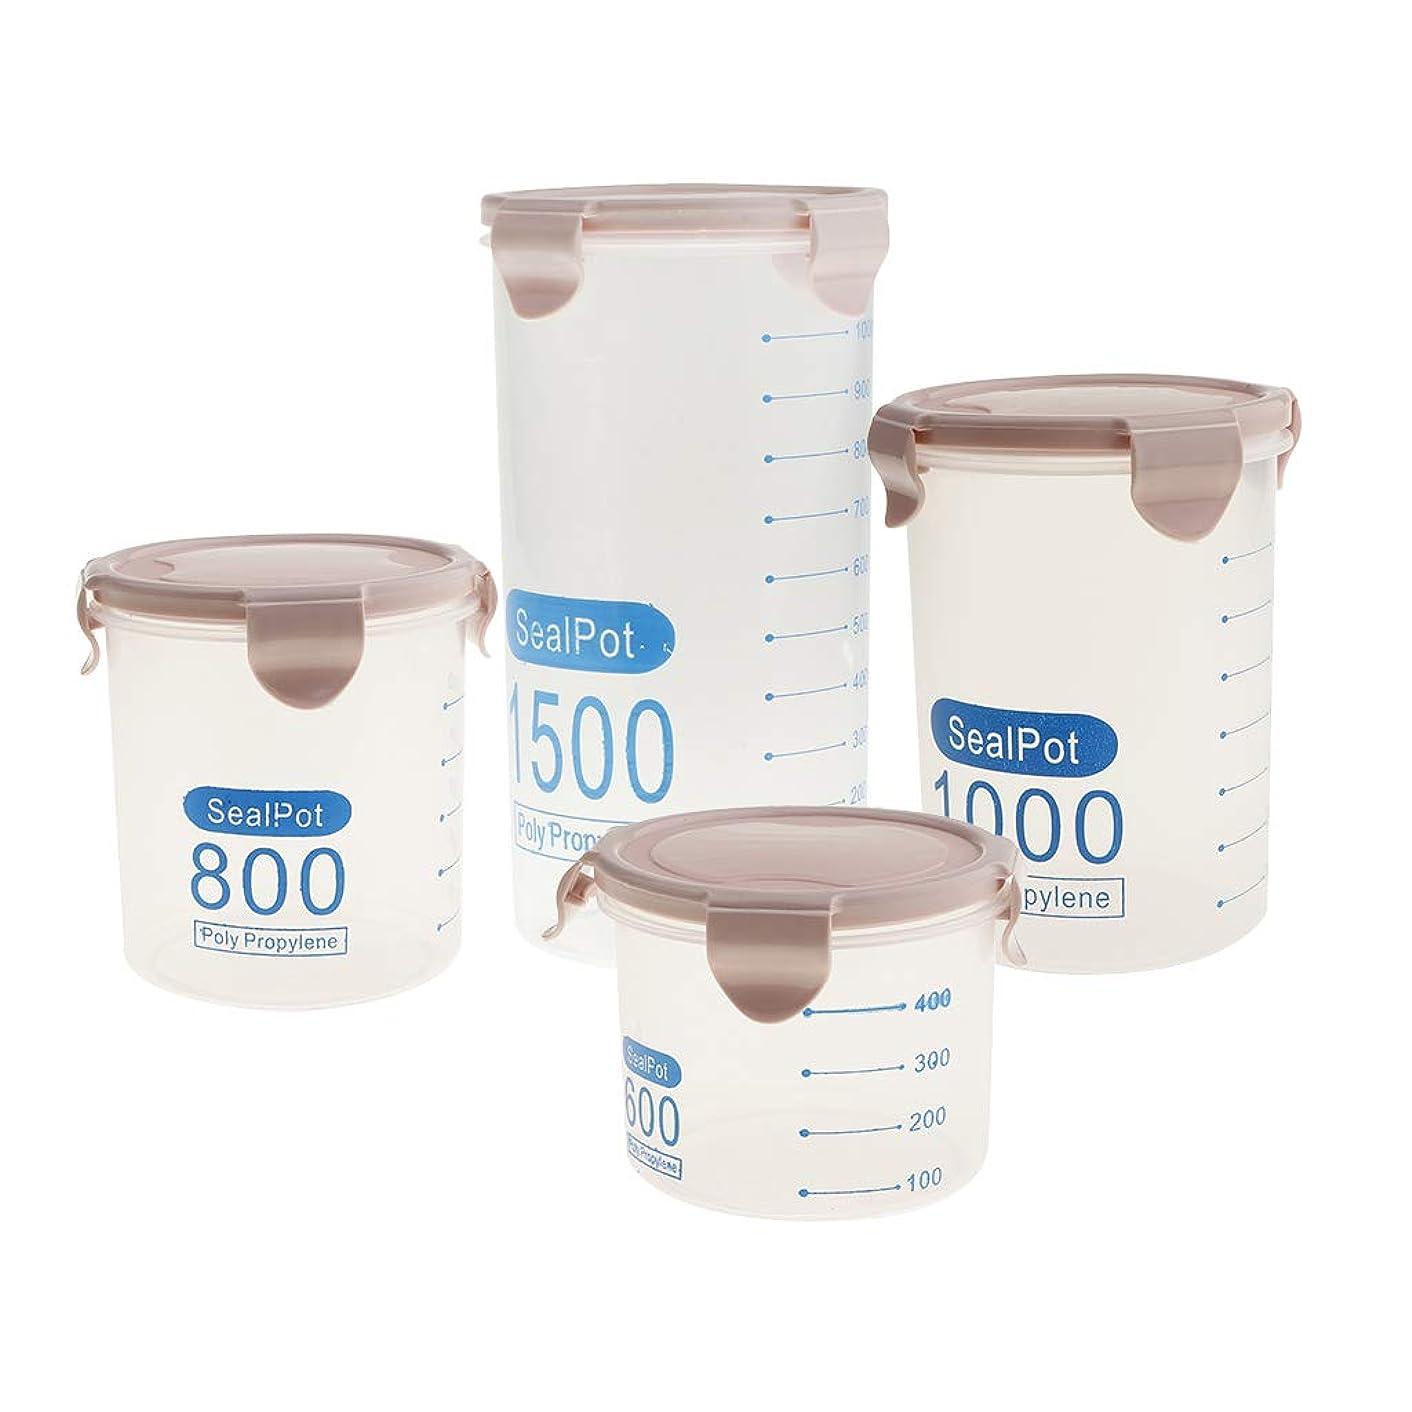 レーススカーフ誘惑FLAMEER 穀類コンテナ 貯蔵容器 小麦粉コンテナ 収納缶 保管容器 4個